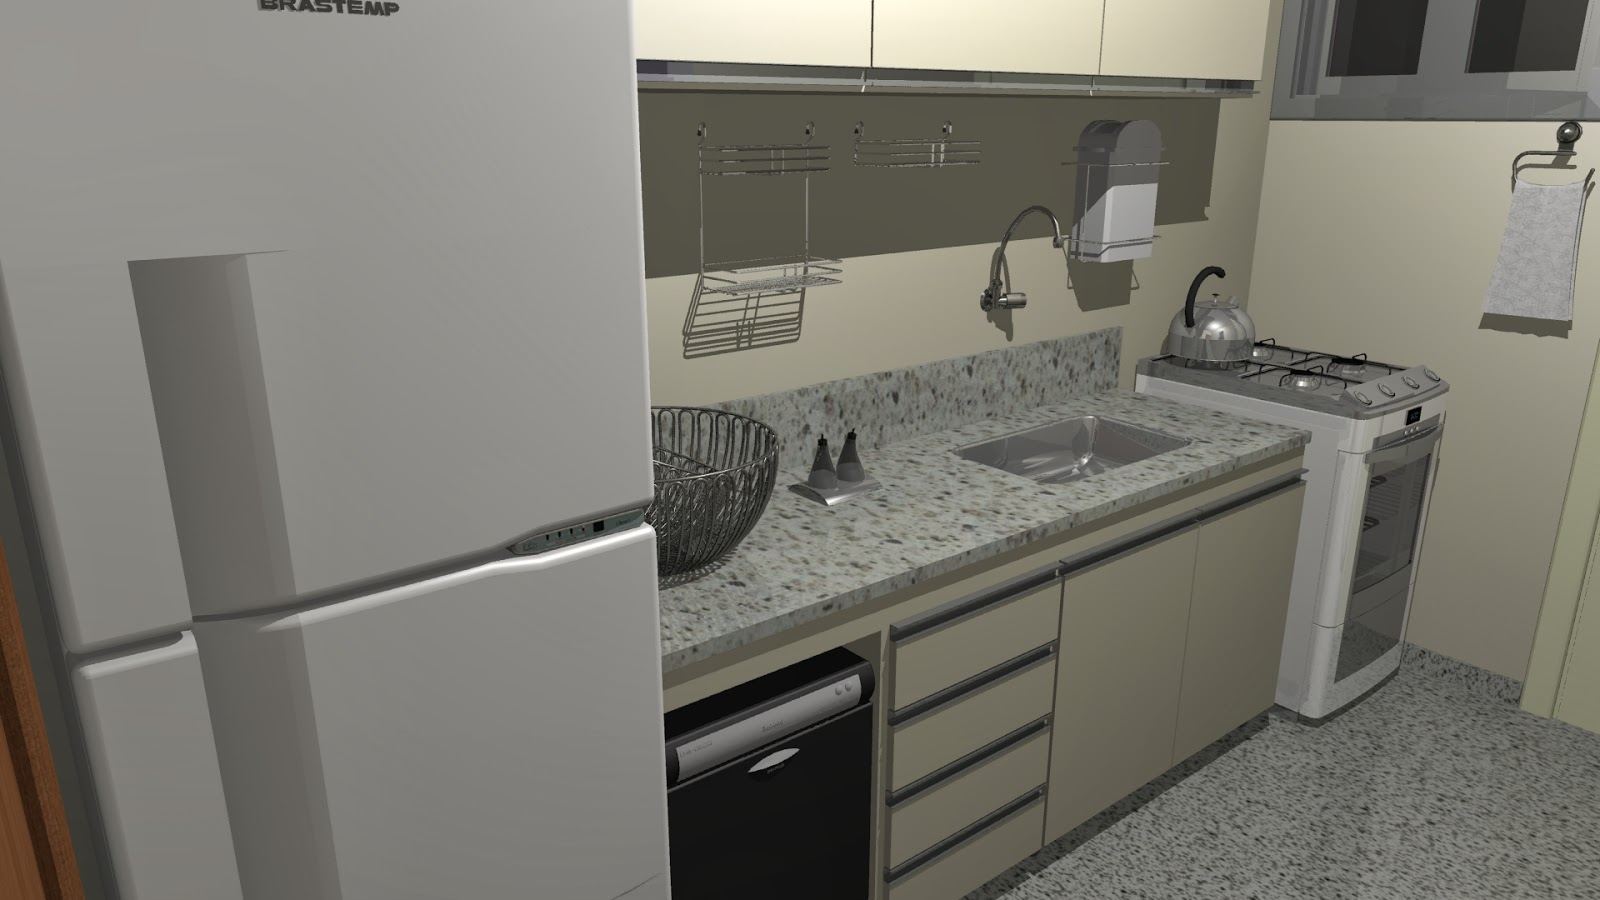 #867945 Juliana Campi Designer de interiores: Cozinha e Quarto planejados 1600x900 px Projeto Cozinha E Quarto #2511 imagens